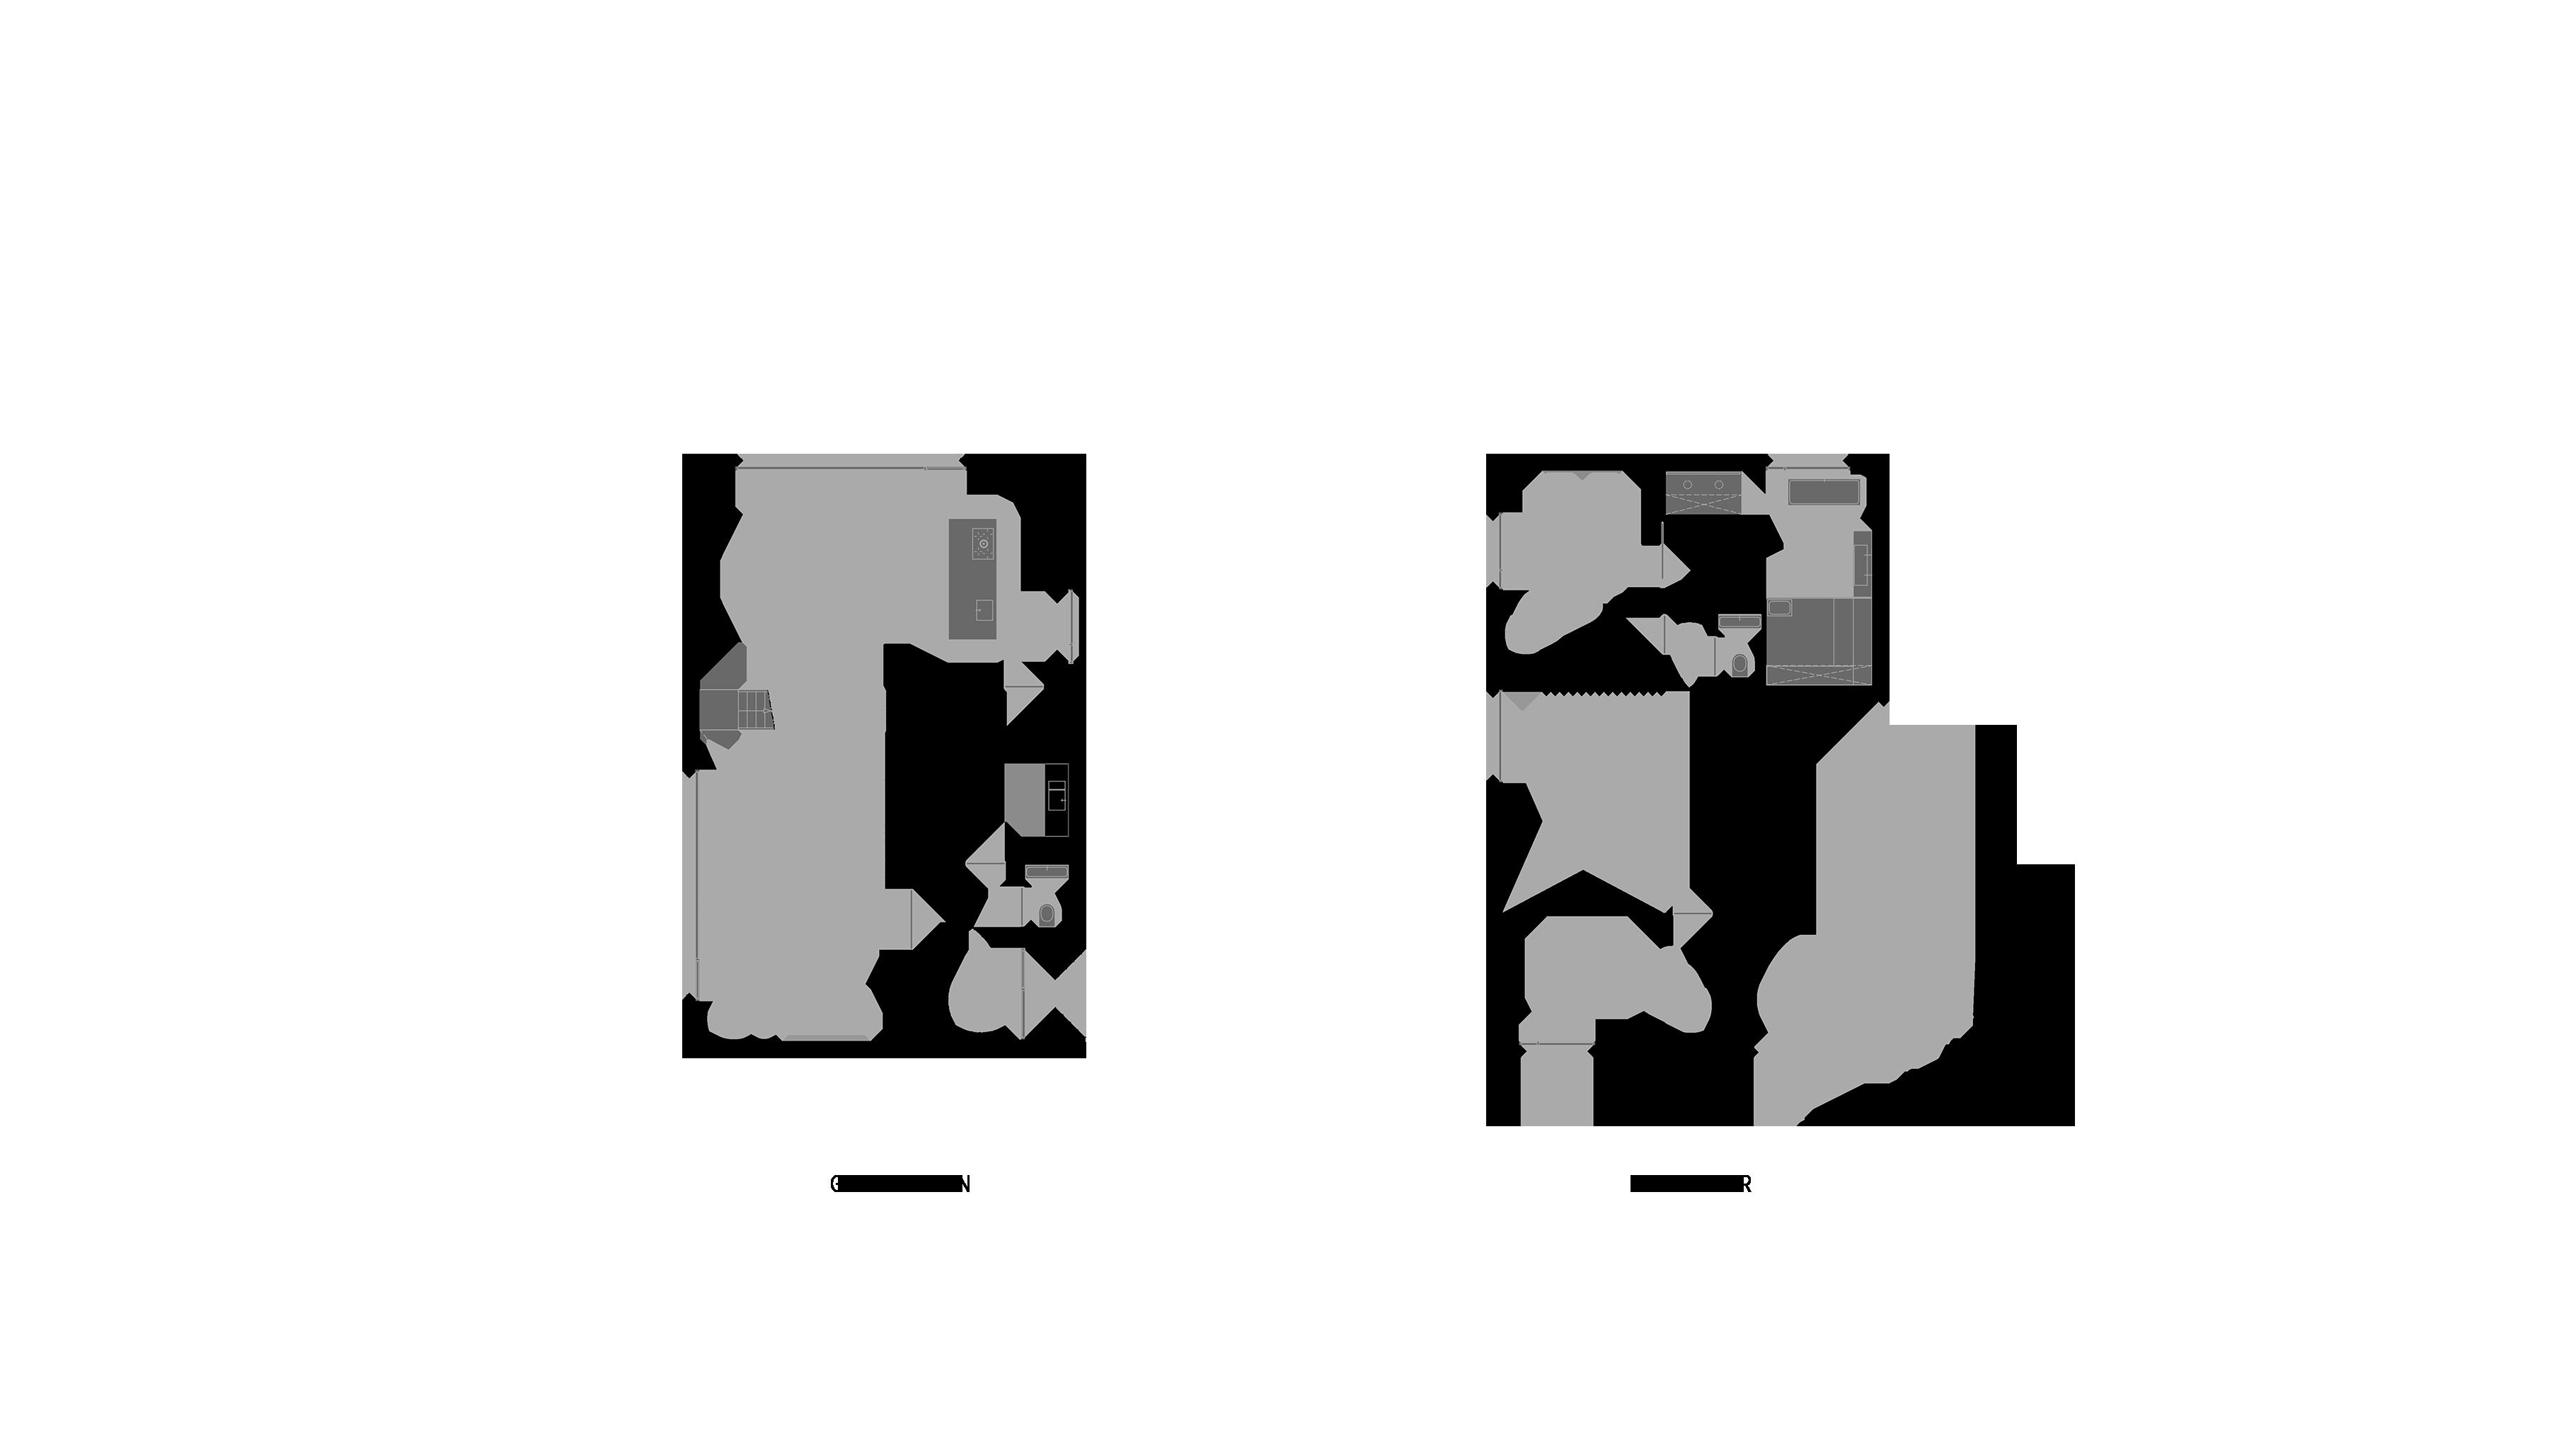 plattegrond nieuwbouw villa ambyerveld